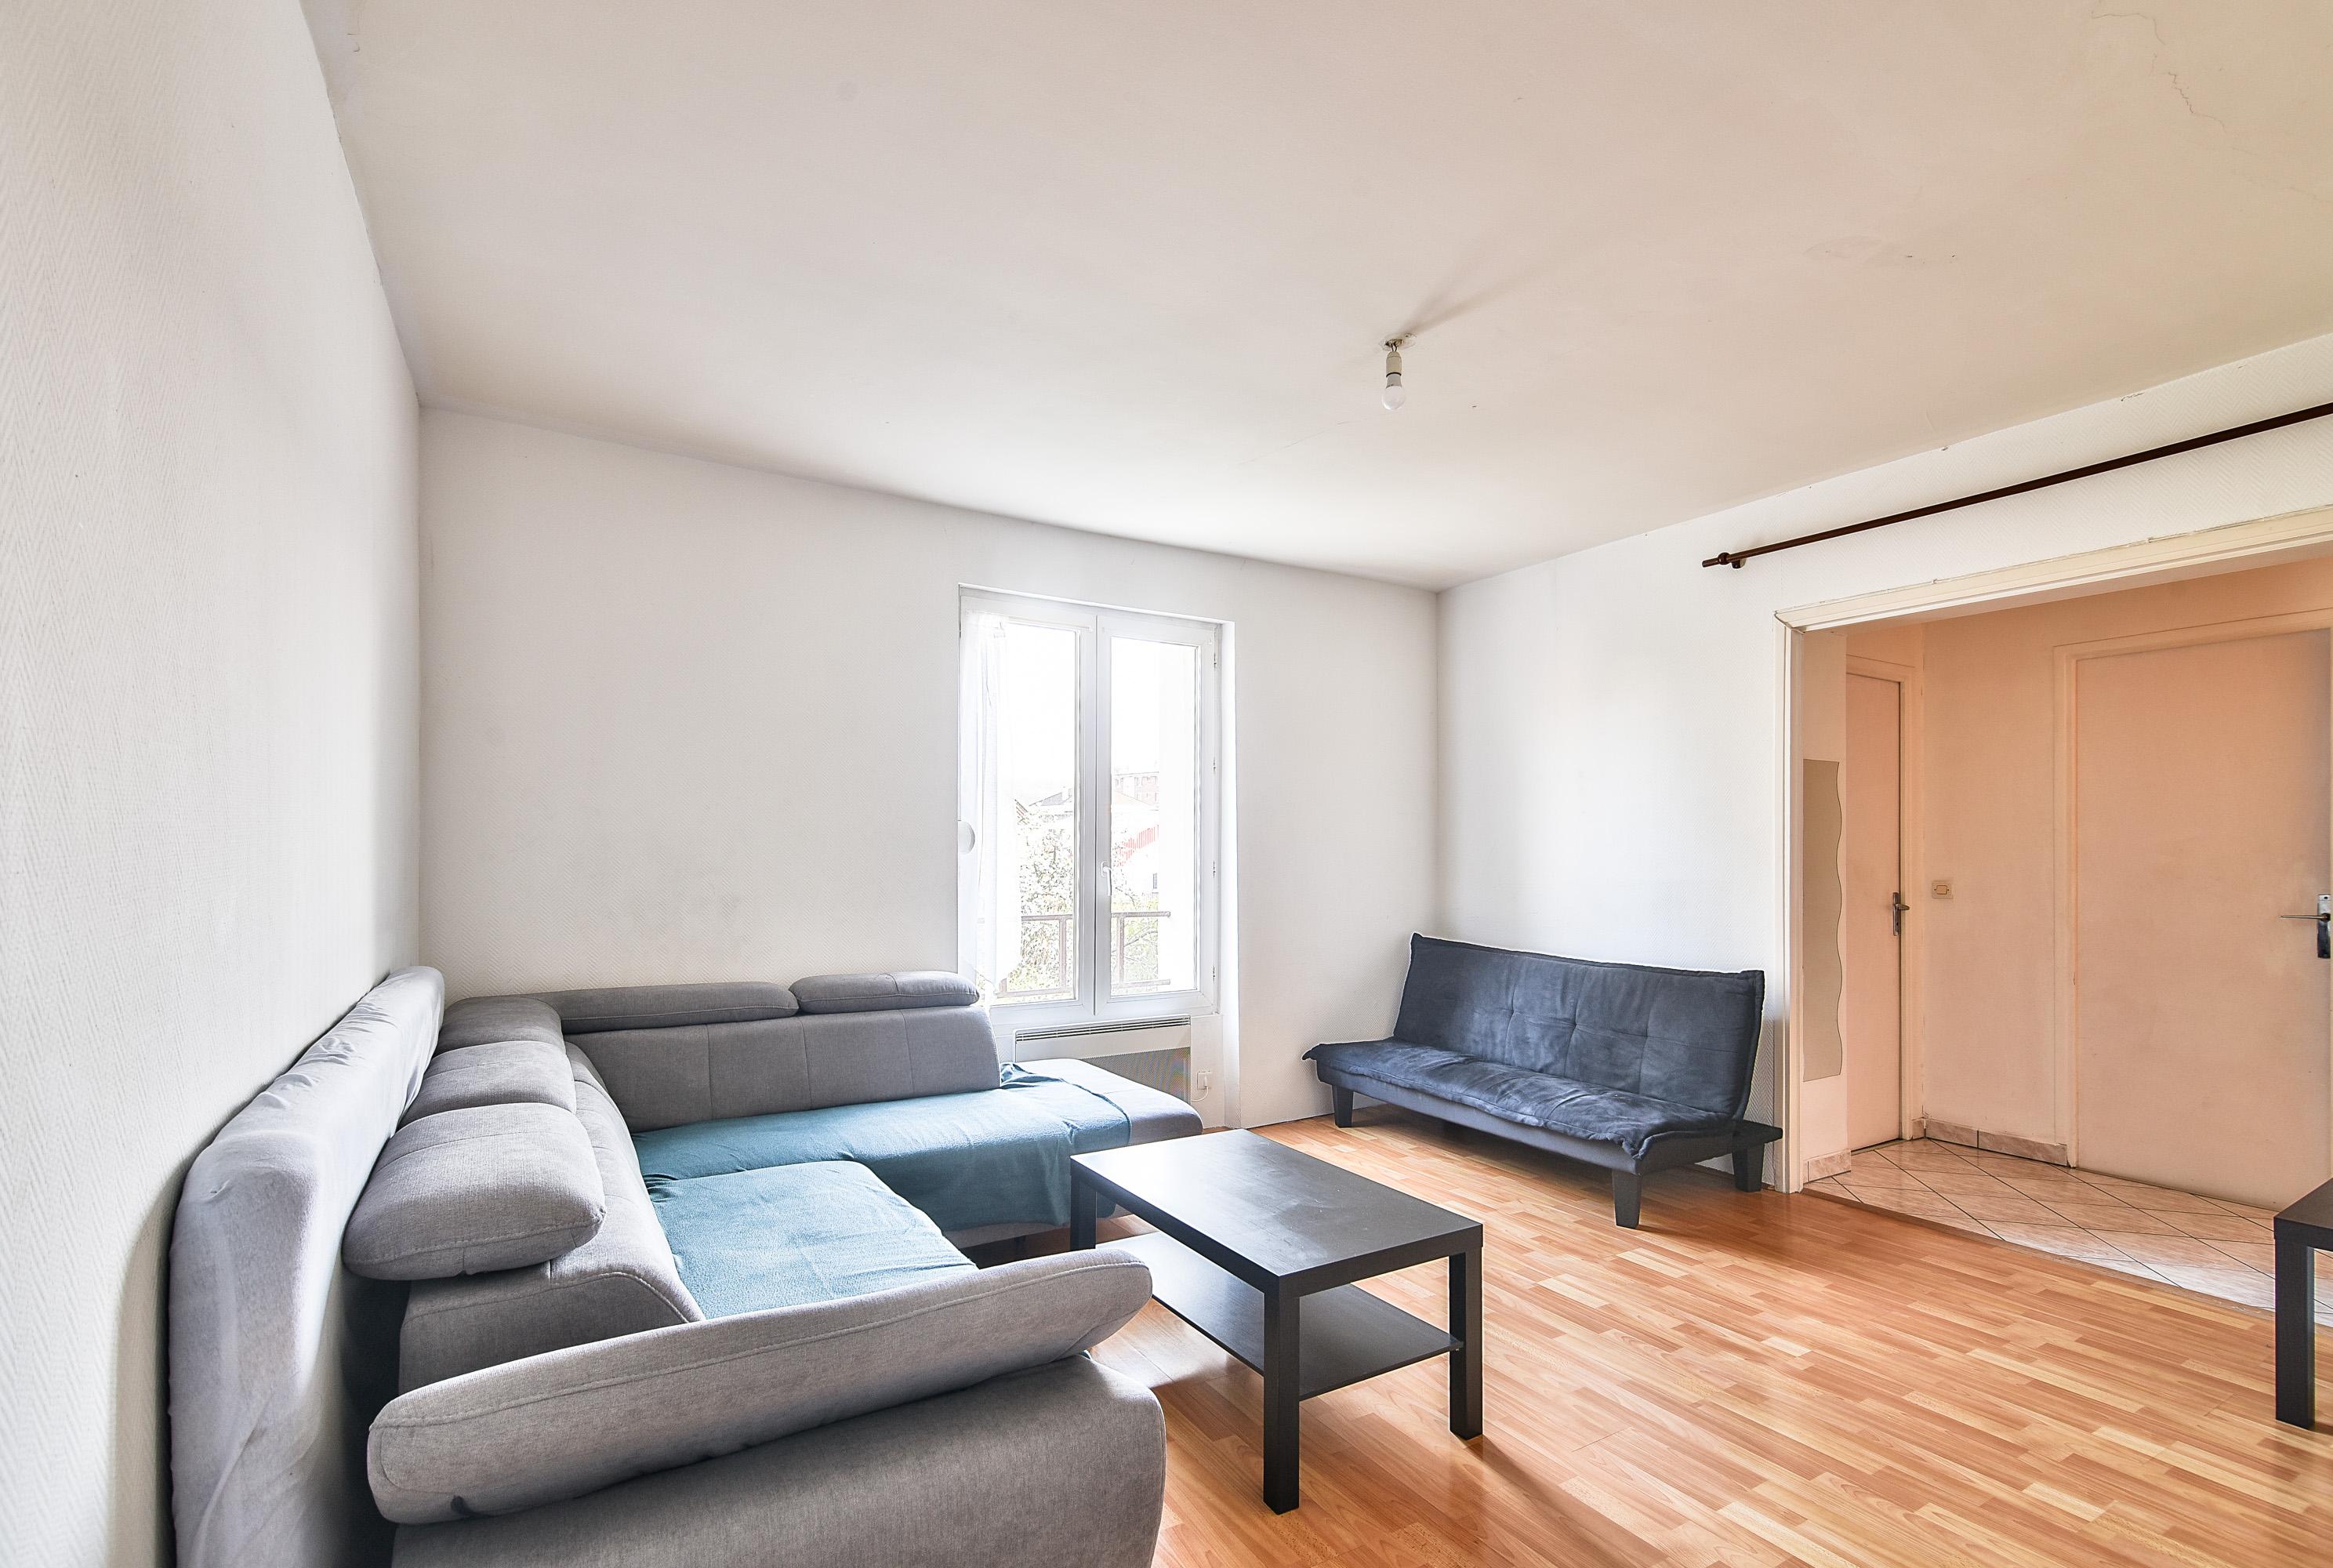 achat-appartement-idf